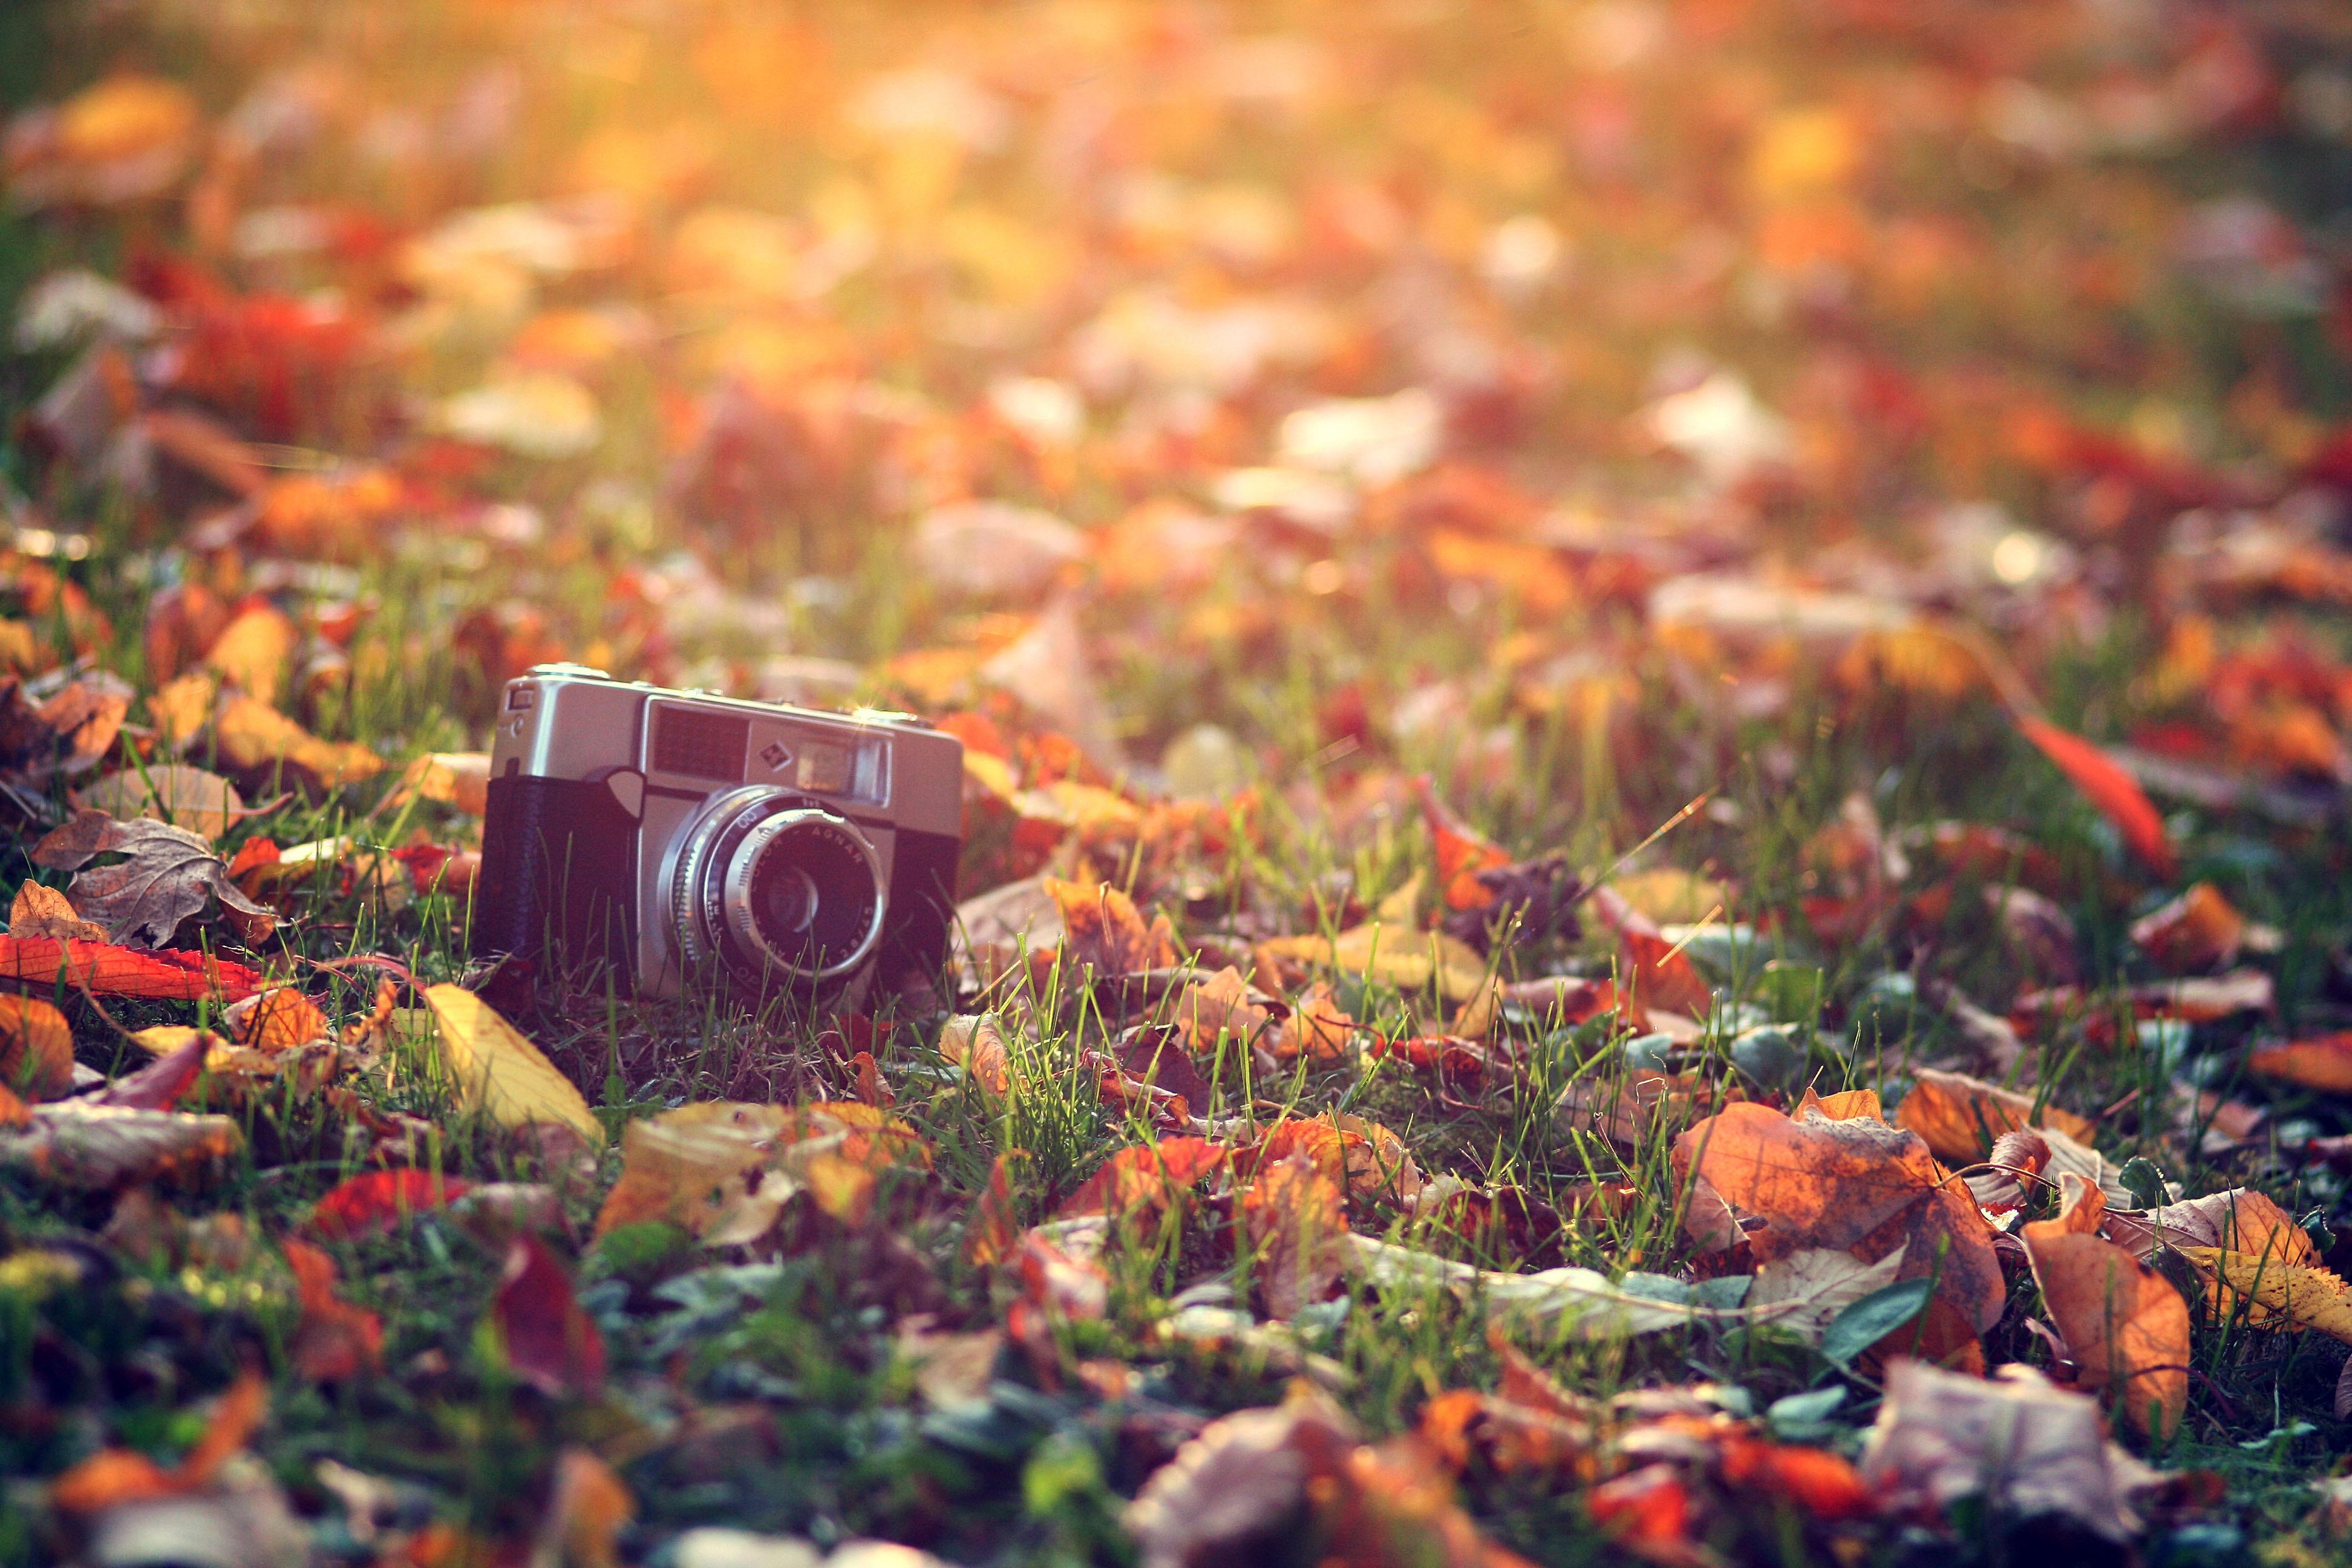 Цветы фотоаппарат дождь бесплатно